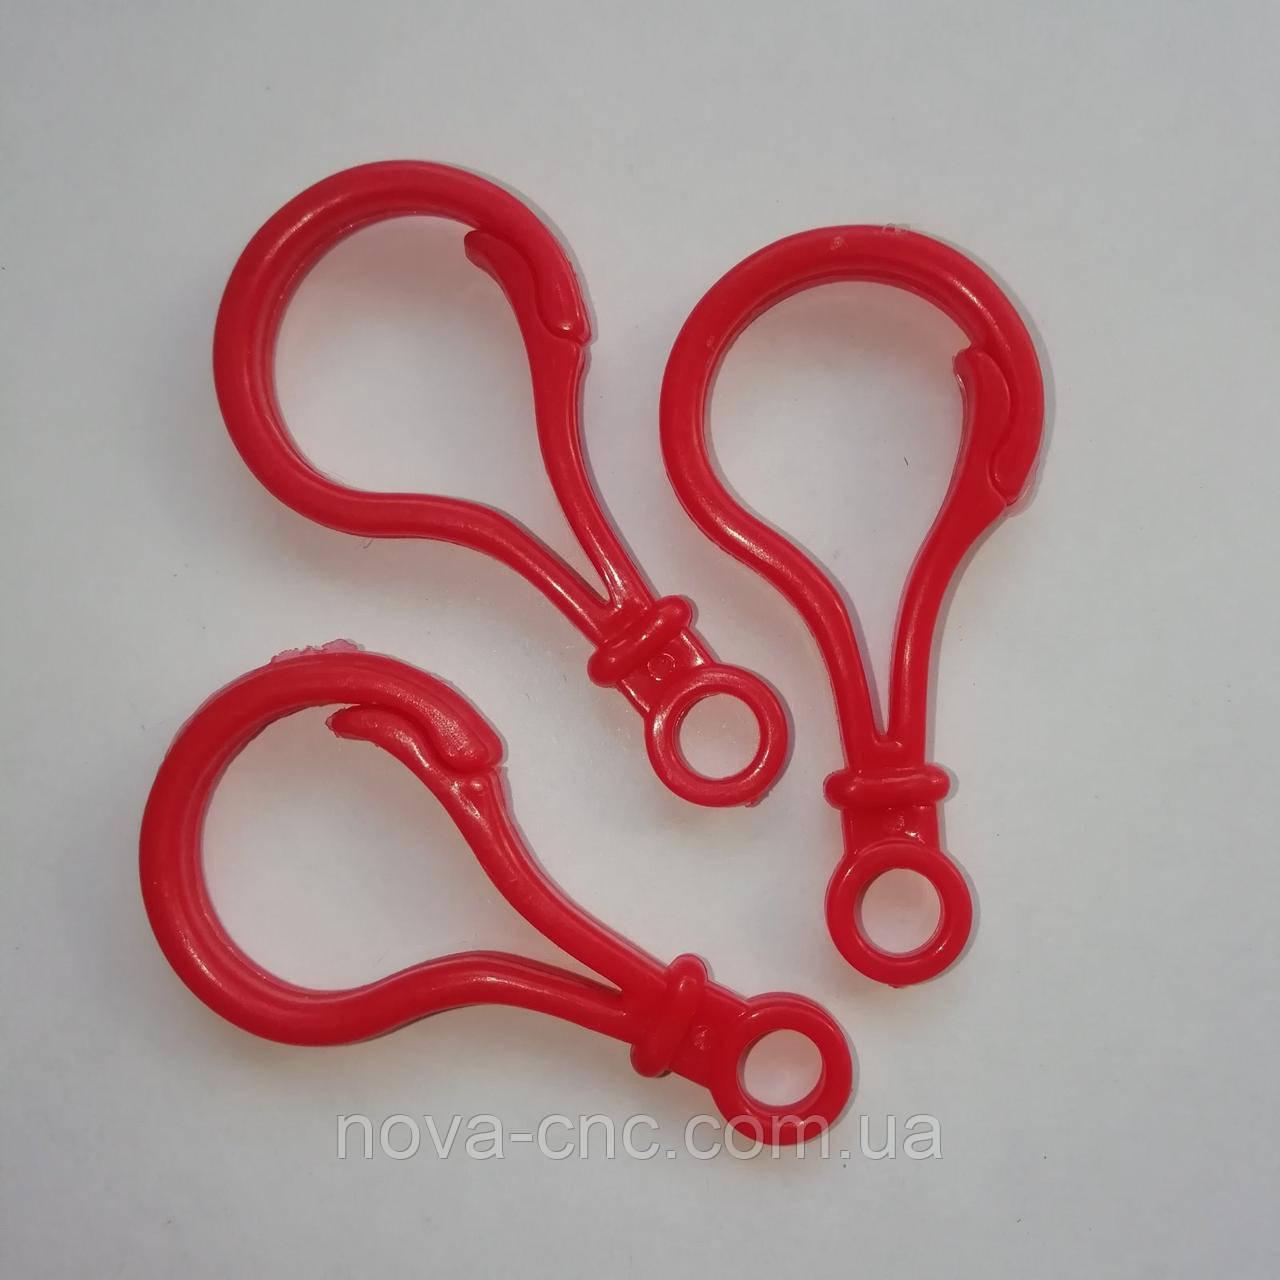 Карабін Пластиковий Заготівля для бізіборда 5 см червоний